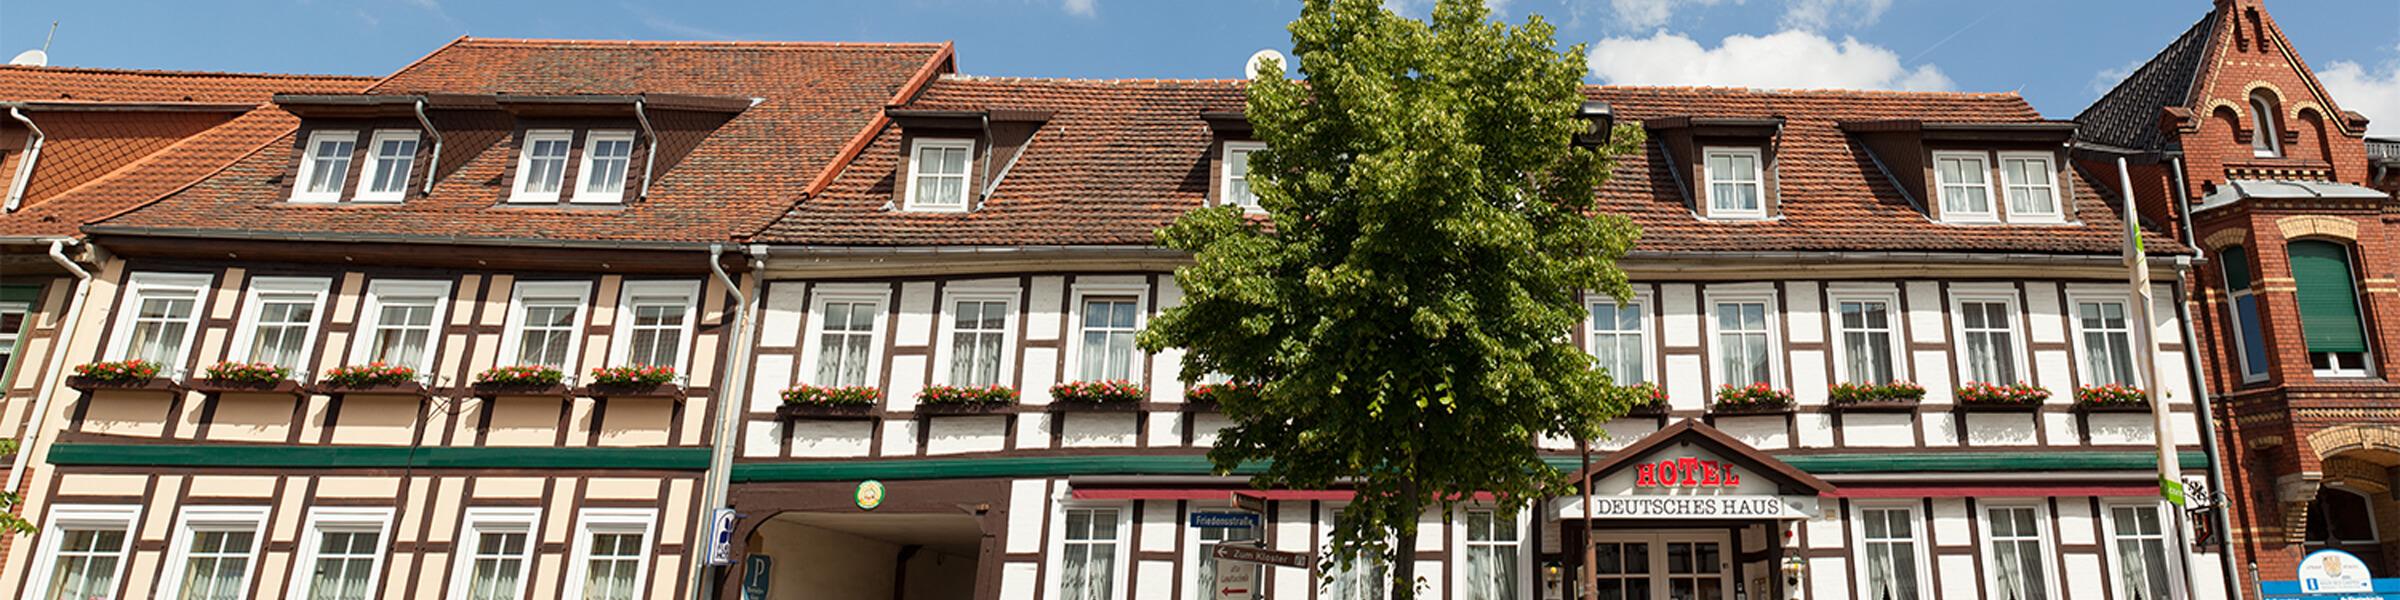 Hotelansicht Deutsches Haus Arendsee